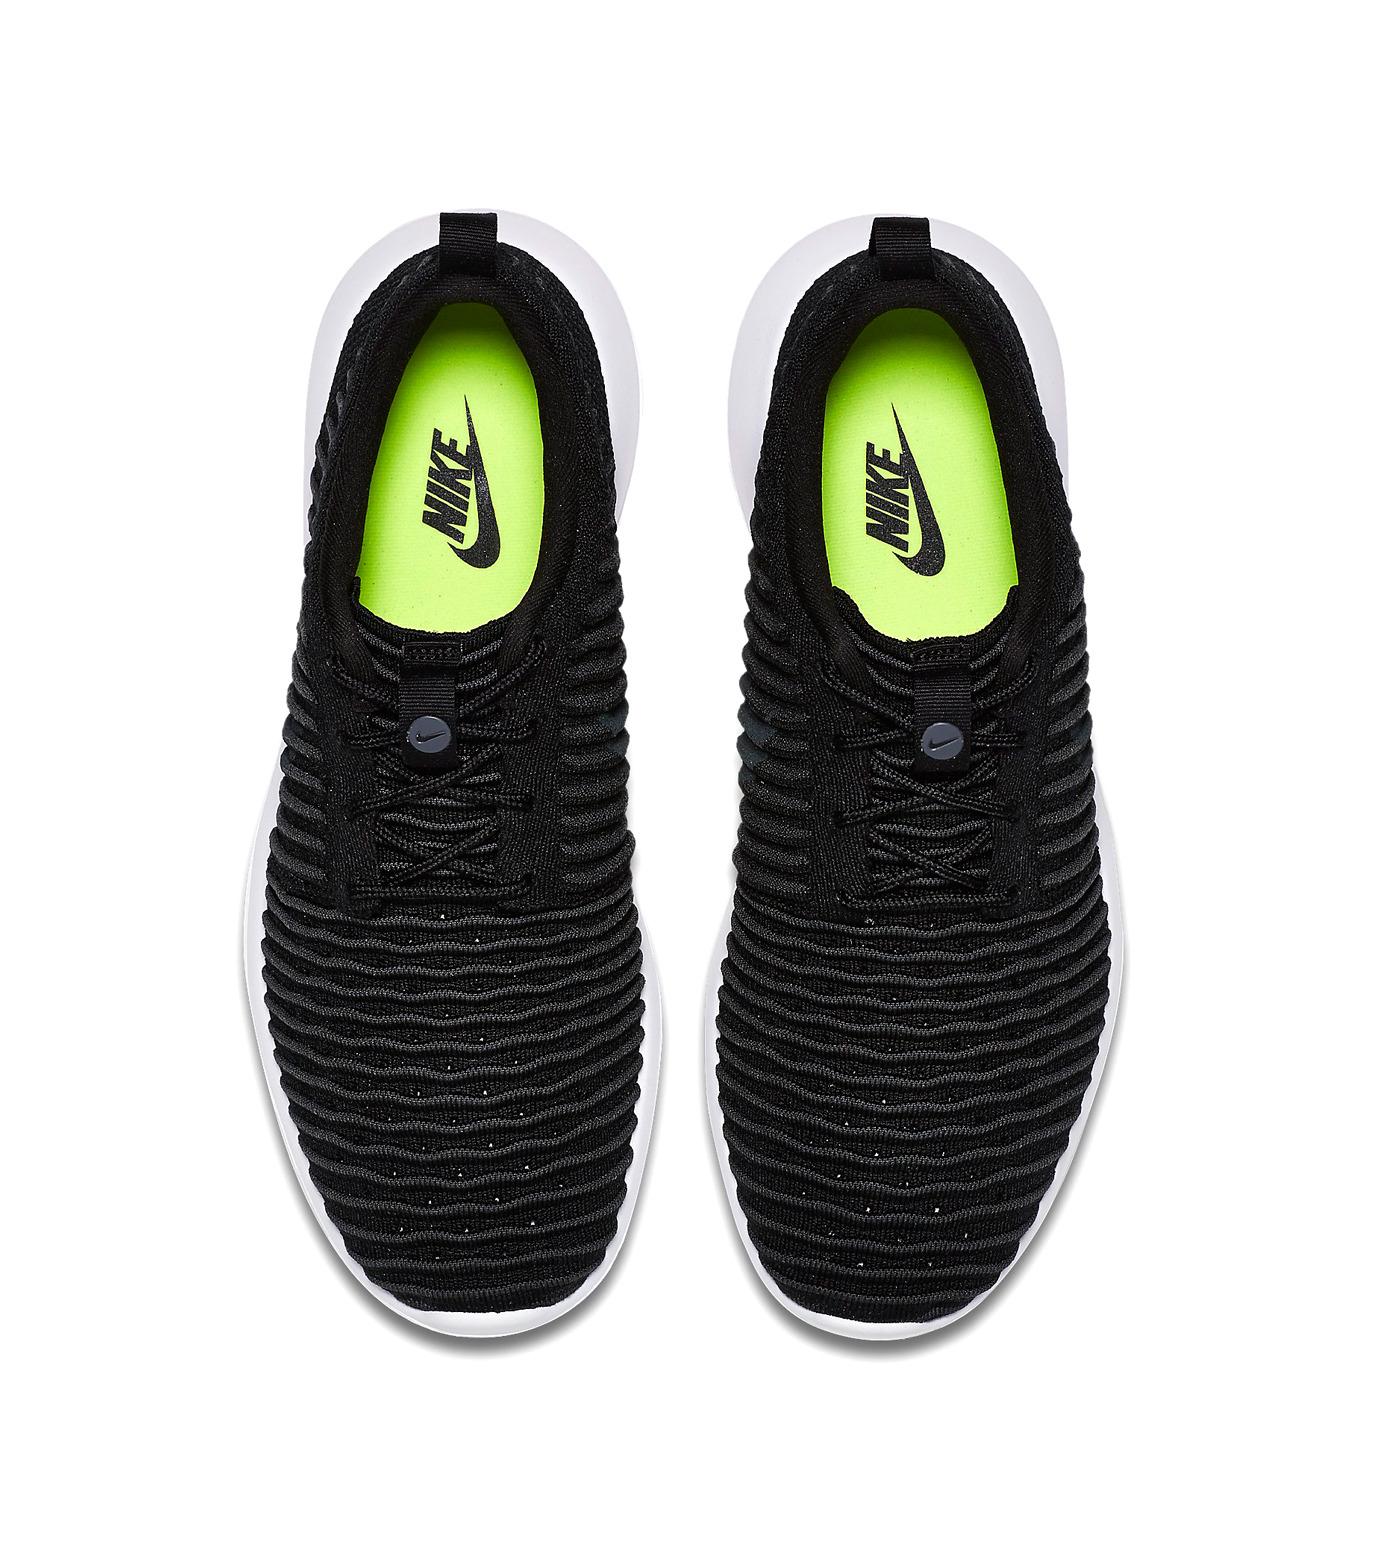 NIKE(ナイキ)のROSHE 2 FLYKNIT-BLACK(シューズ/shoes)-844833-001-13 拡大詳細画像4